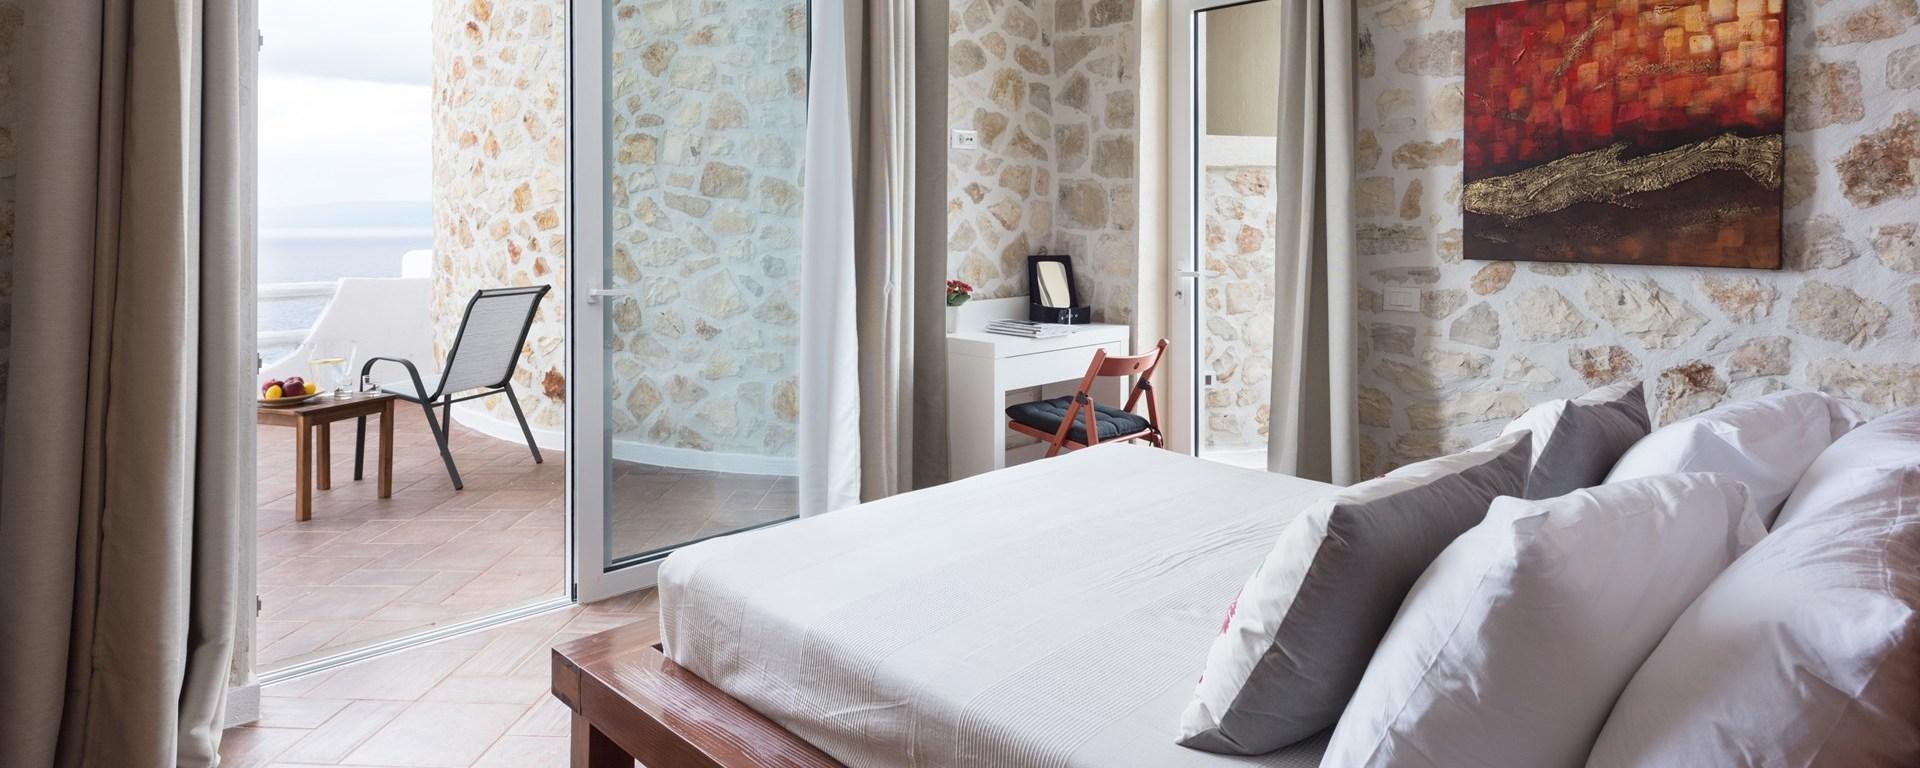 villa-pandora-double-bedroom2